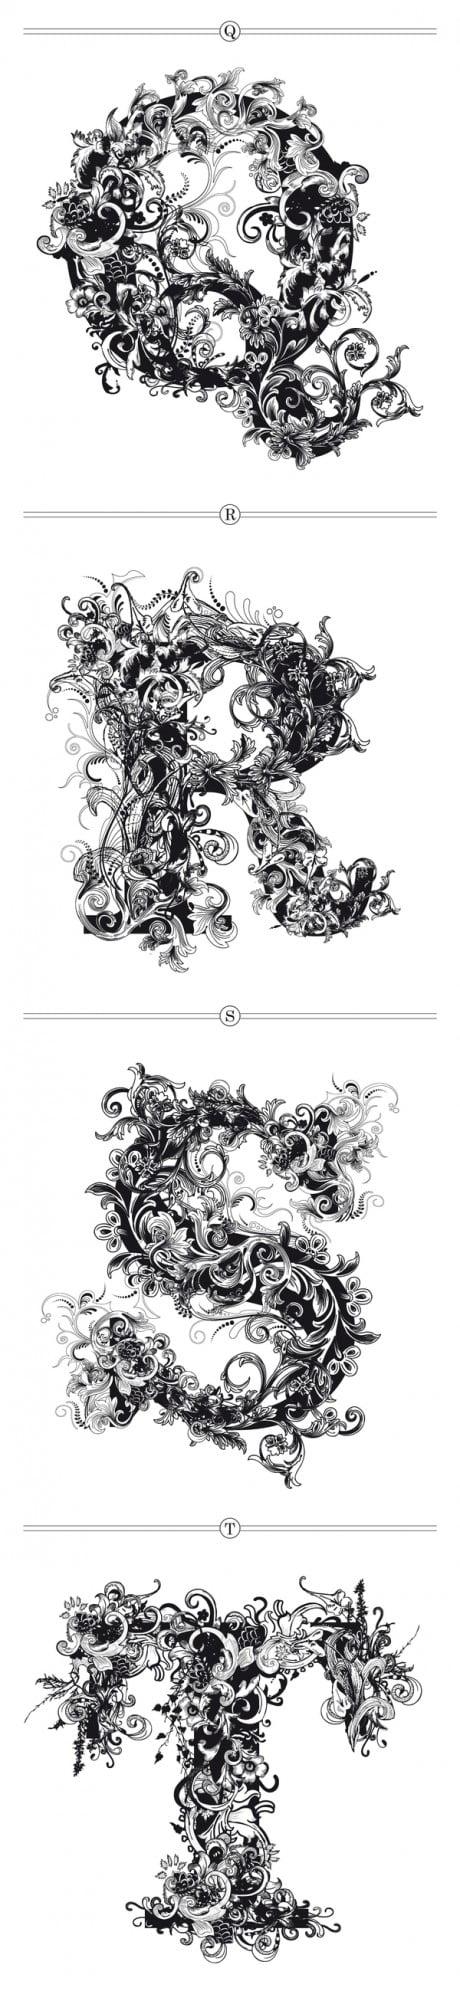 riccardo sabatini, brushwood, typeface, typography, experimental, experimental typography